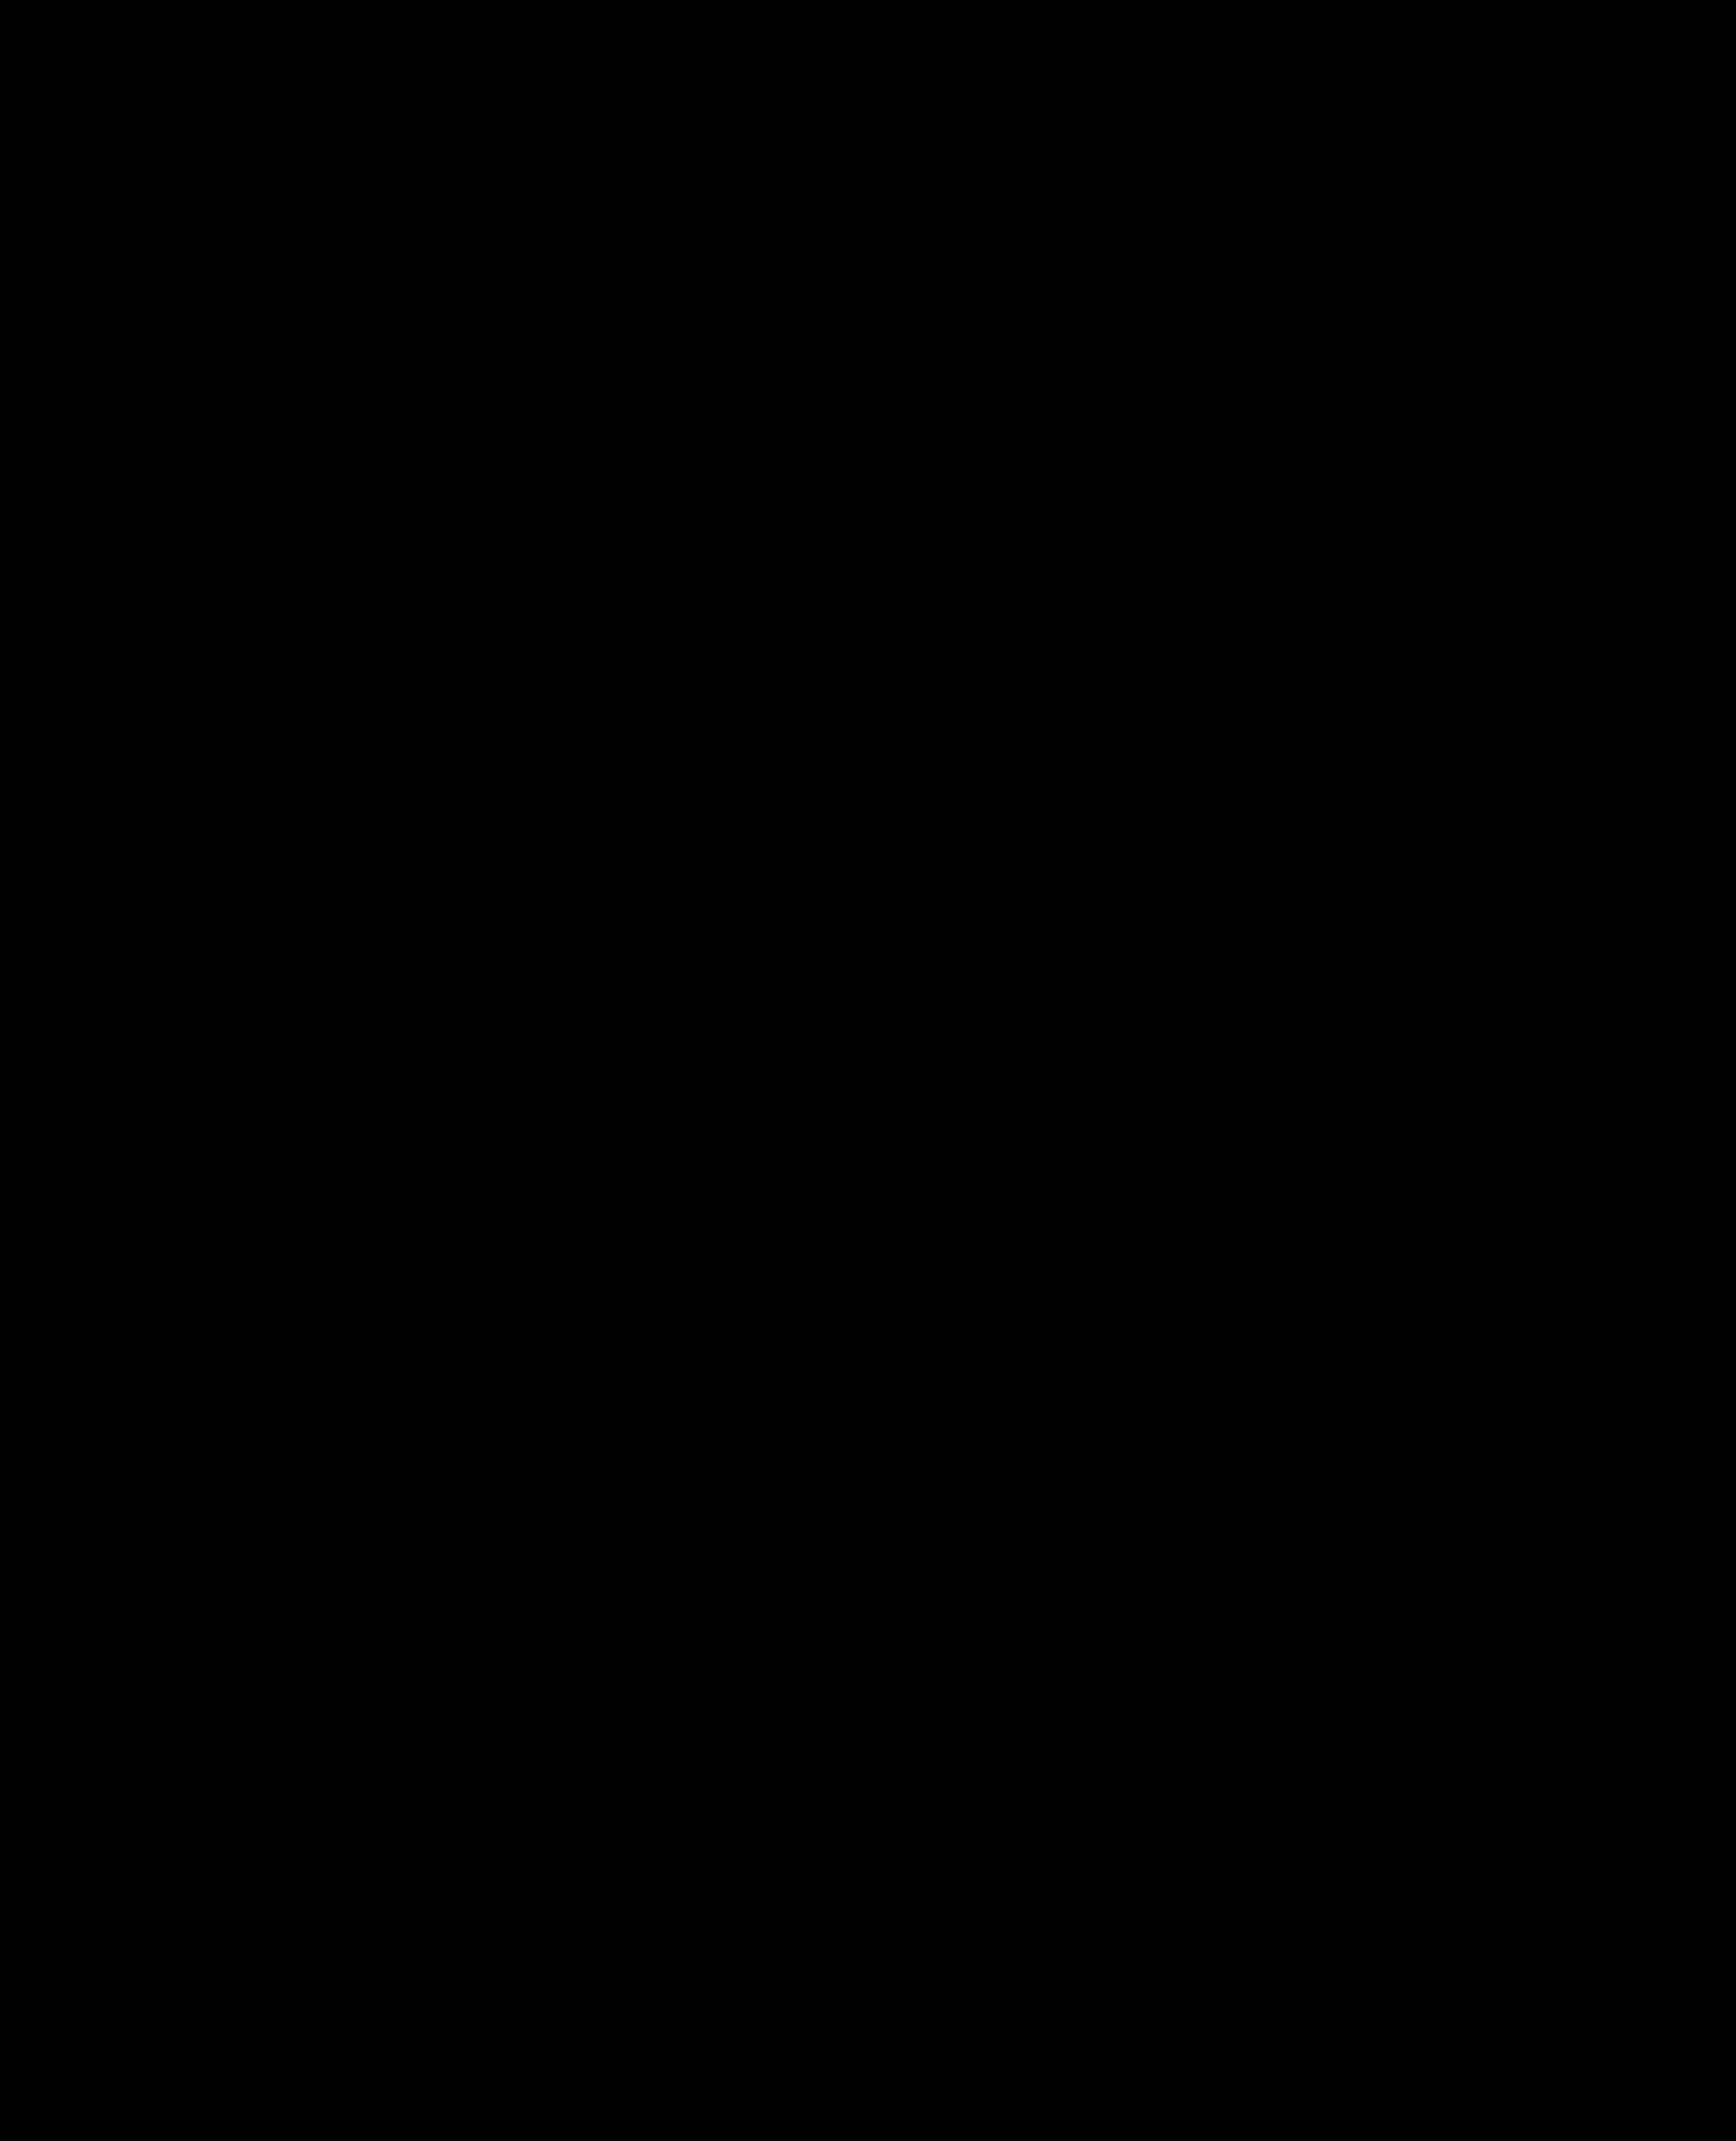 zwangerfit Breda , zwangerschapscursus breda